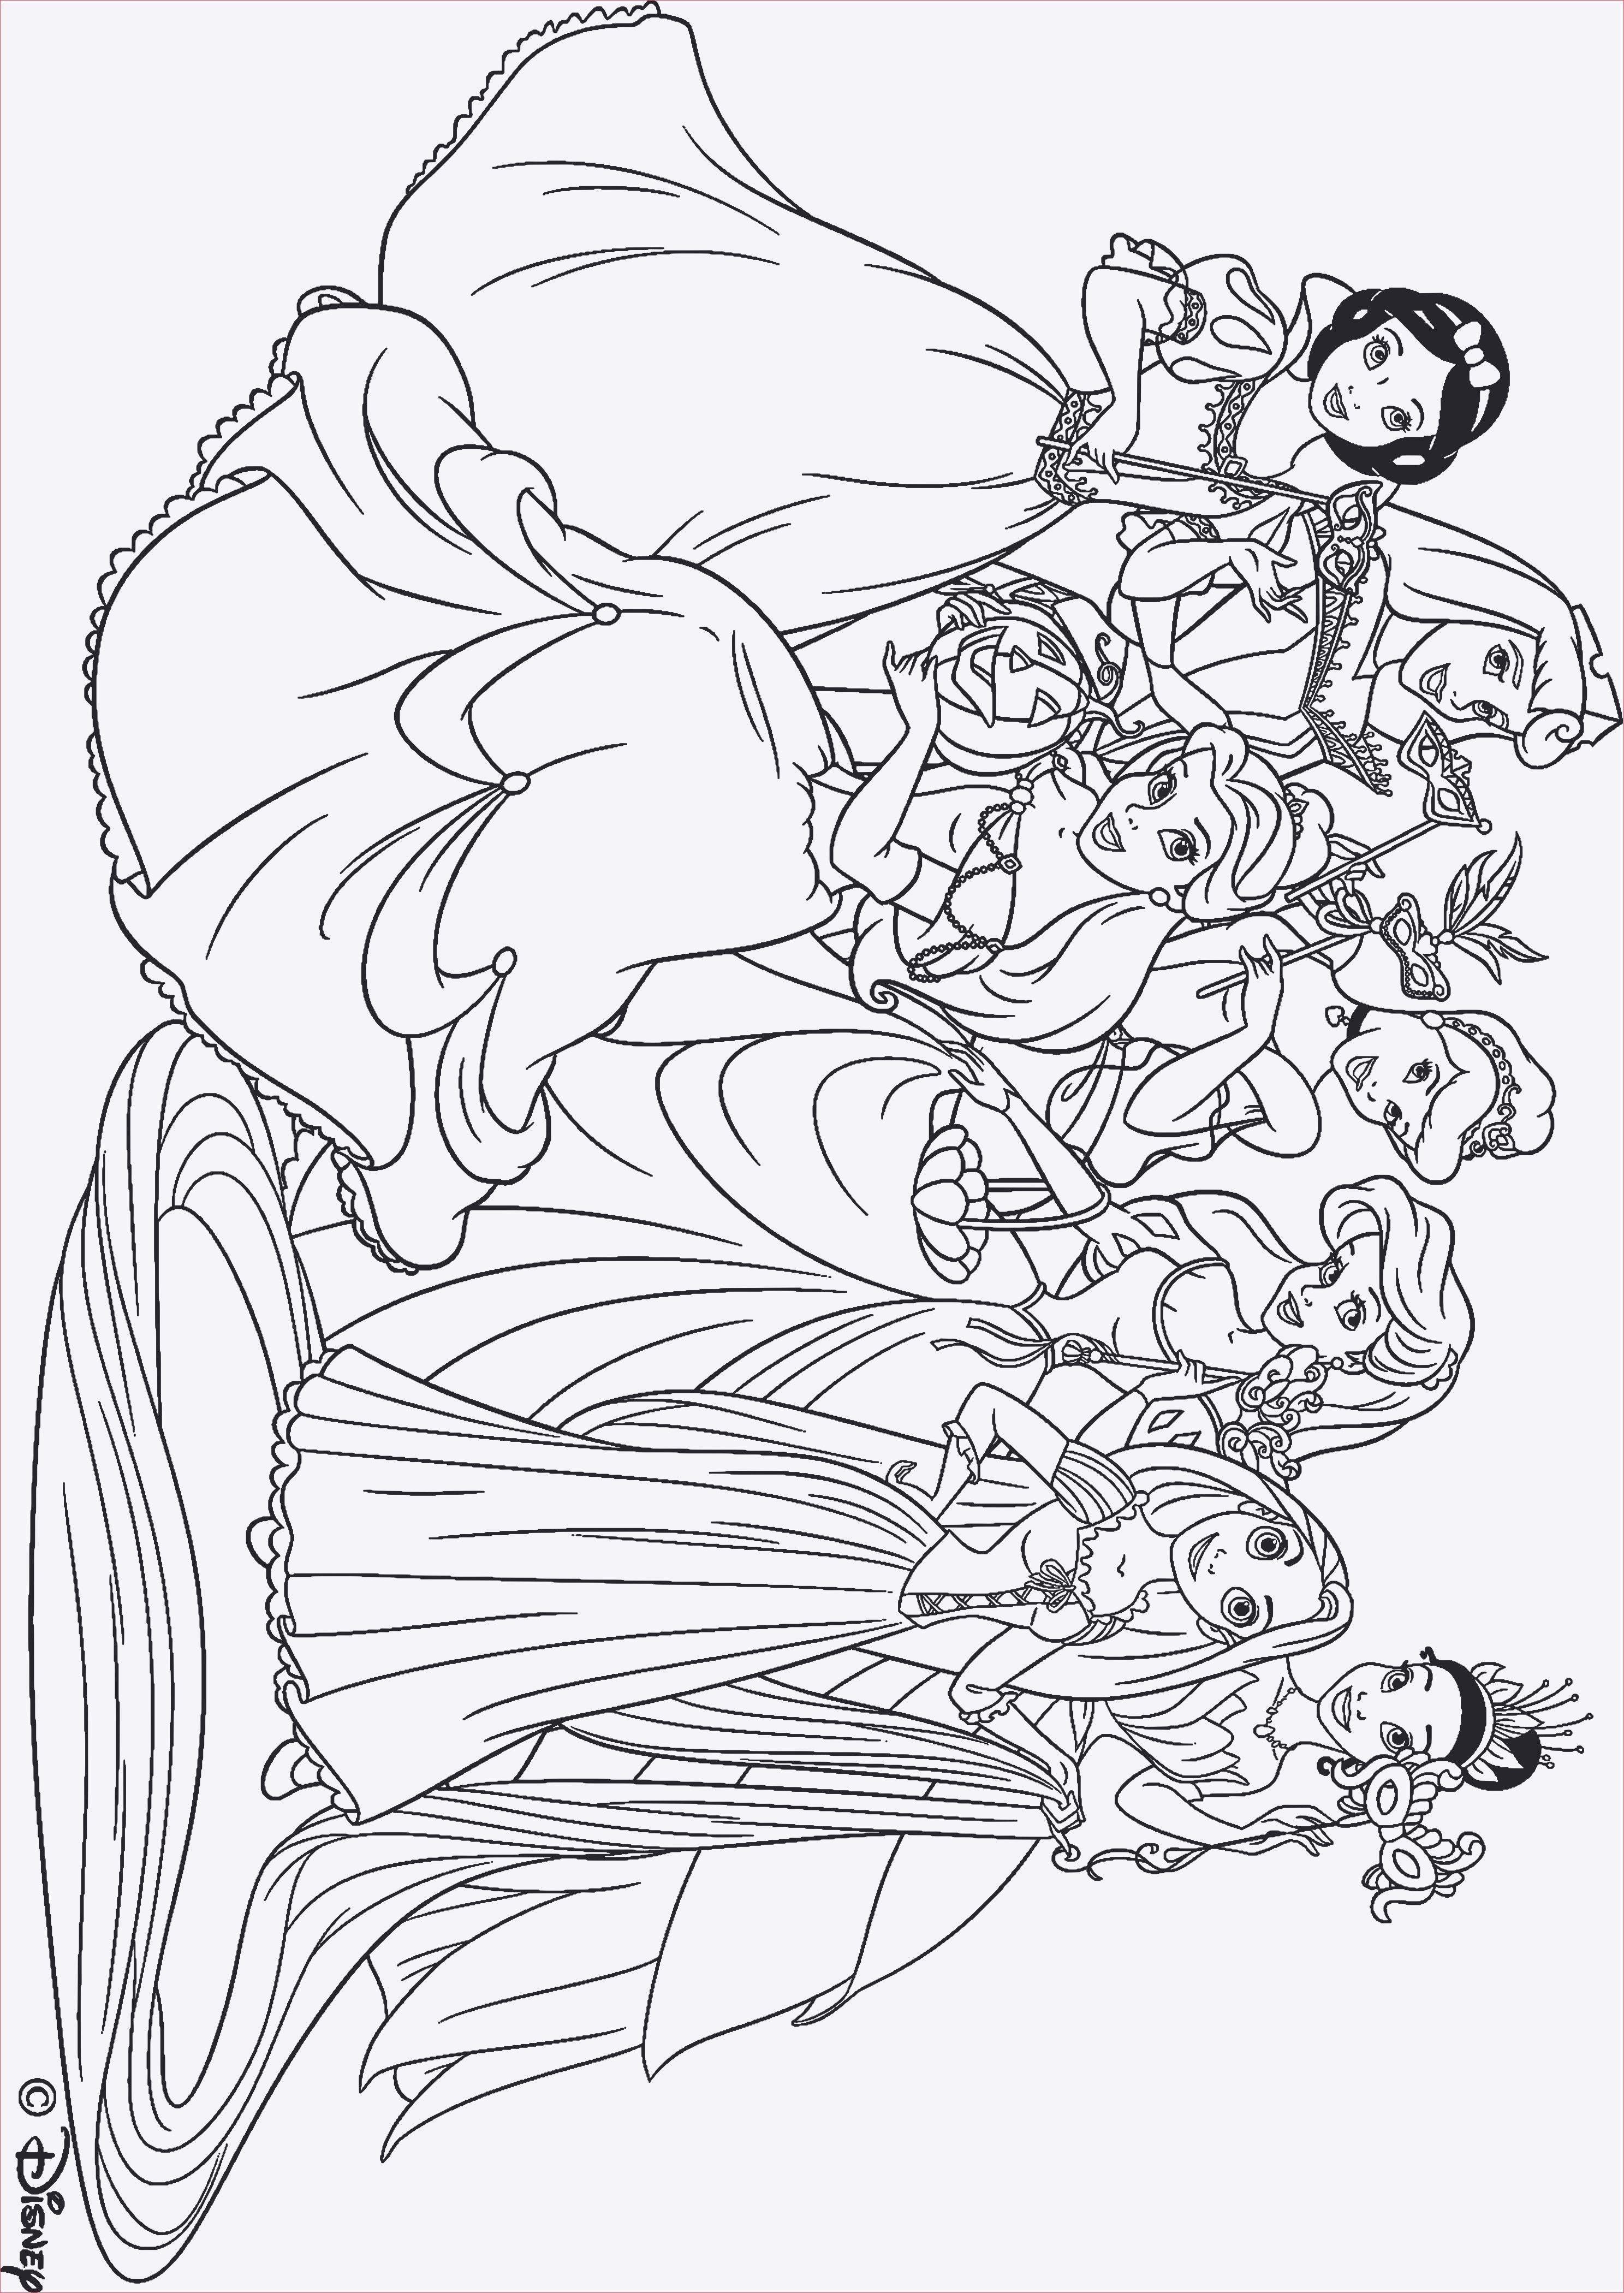 57 Frisch Ausmalbilder Disney Vaiana Sammlung Ausmalbilder Disney Malvorlagen Ausmalbilder Disney